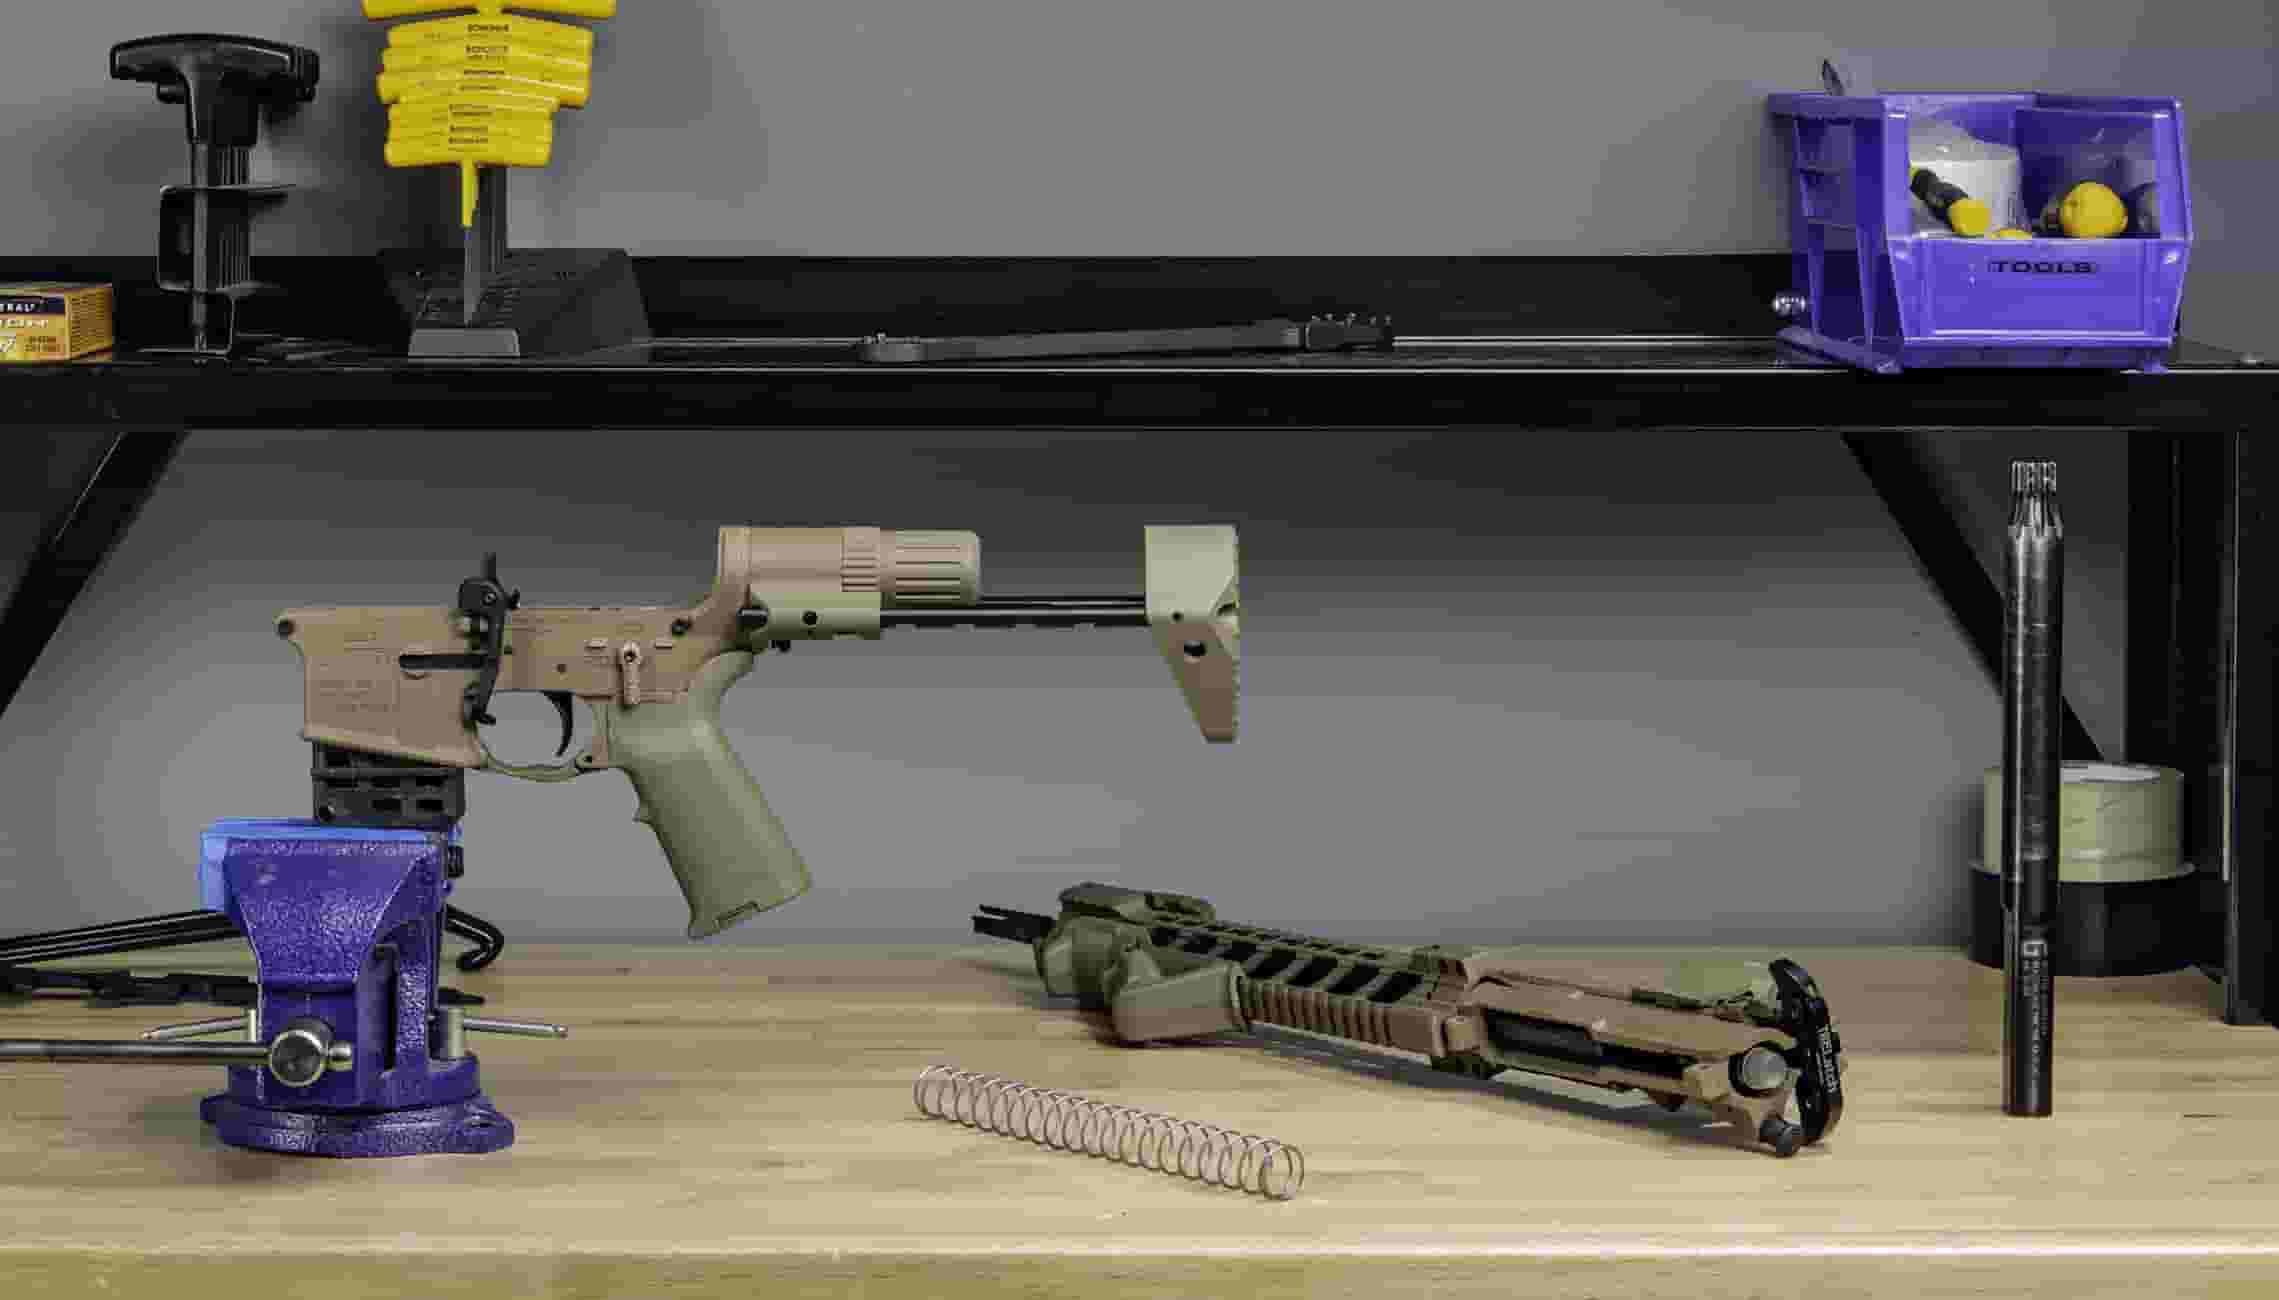 Buy AR15 parts online